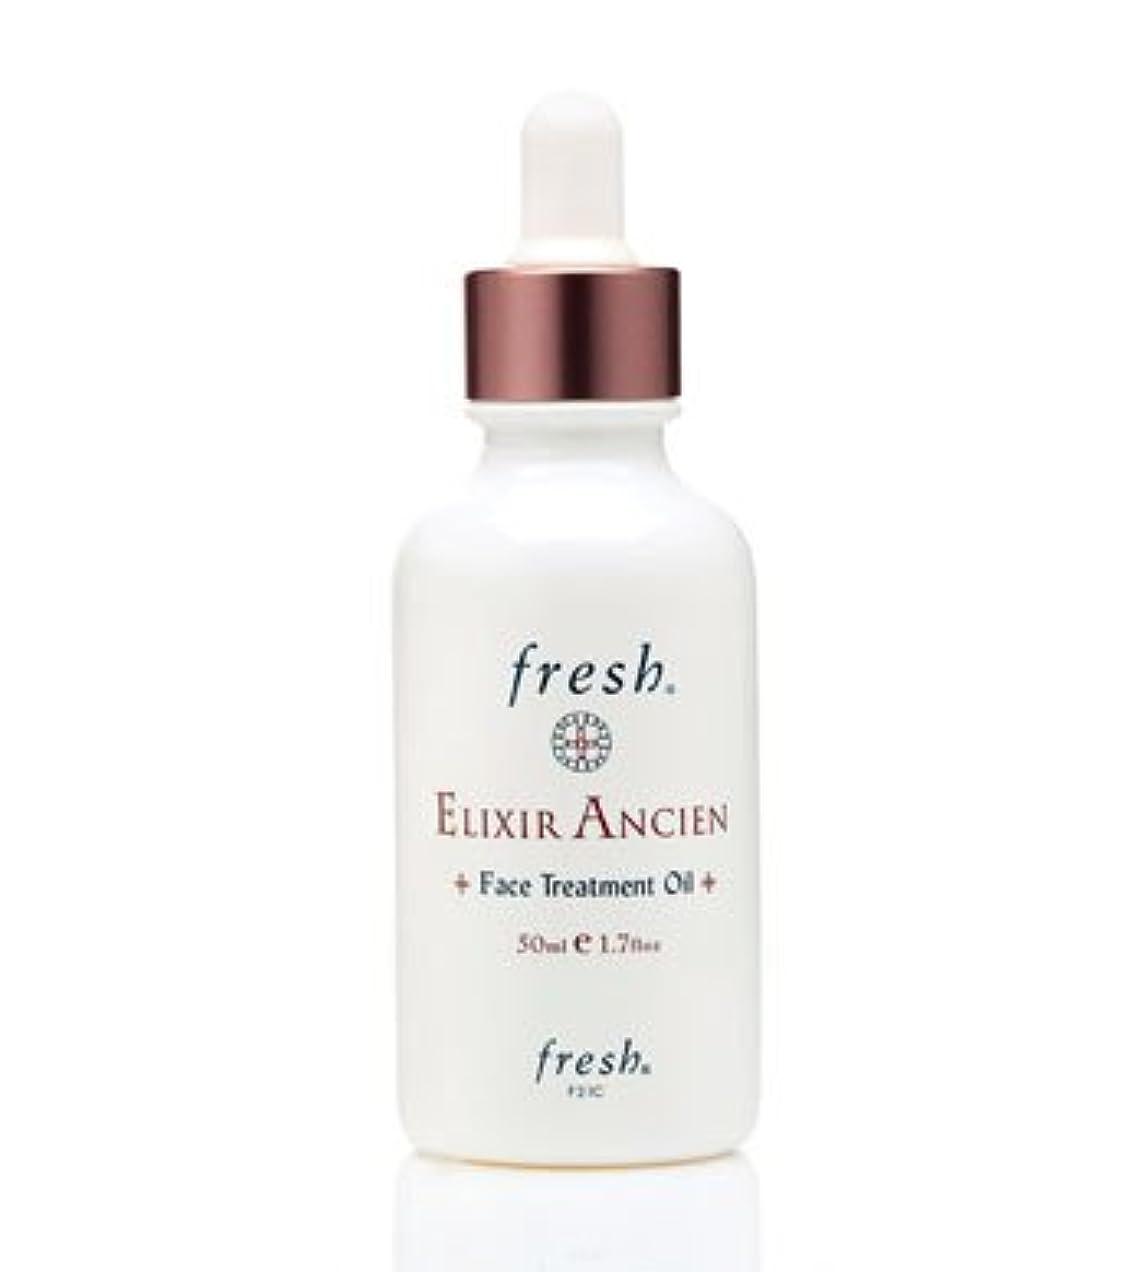 不一致僕の植生Fresh ELIXIR ANCIEN (フレッシュ エリキサーアンシエン) 1.7 oz (50ml) by Fresh for Women